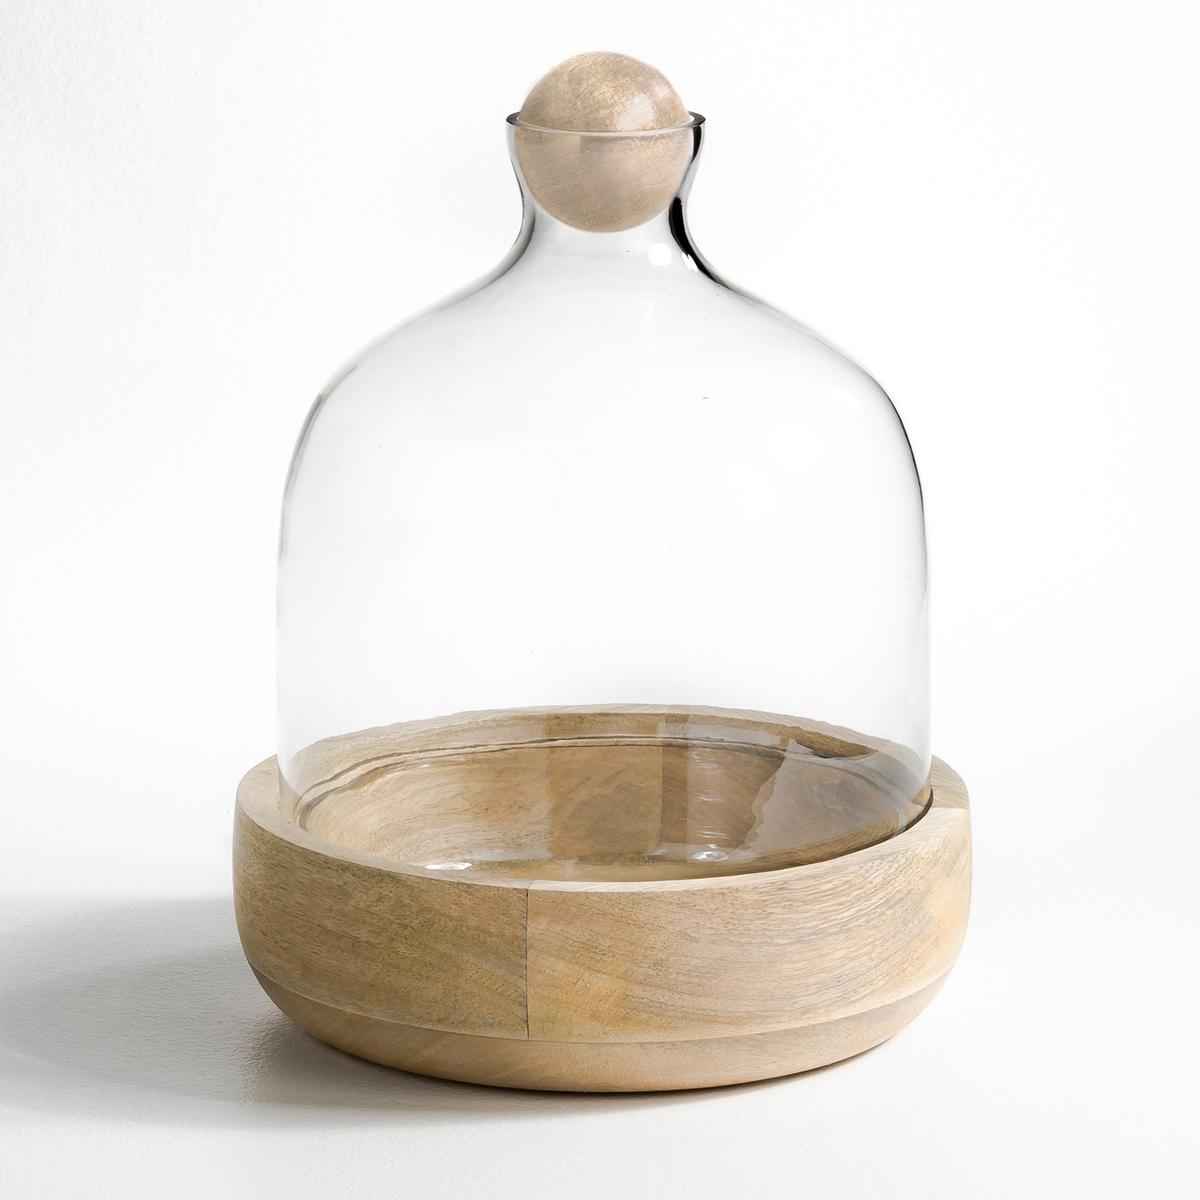 Террариум Rozo из стекла и мангового дереваЭкологическая мини-теплица по переработке воды и воздуха.Сосуд хорошо пропускает свет, а если он плотно закрыт, то внутри образуется конденсат за счёт испарений из влажной почвы.Идеально подходит для маленьких растений, которые нуждаются в повышенной влажности.  Размеры: ? 27, Выс. 35 см.<br><br>Цвет: прозрачный/натуральное дерево<br>Размер: 25 x 25